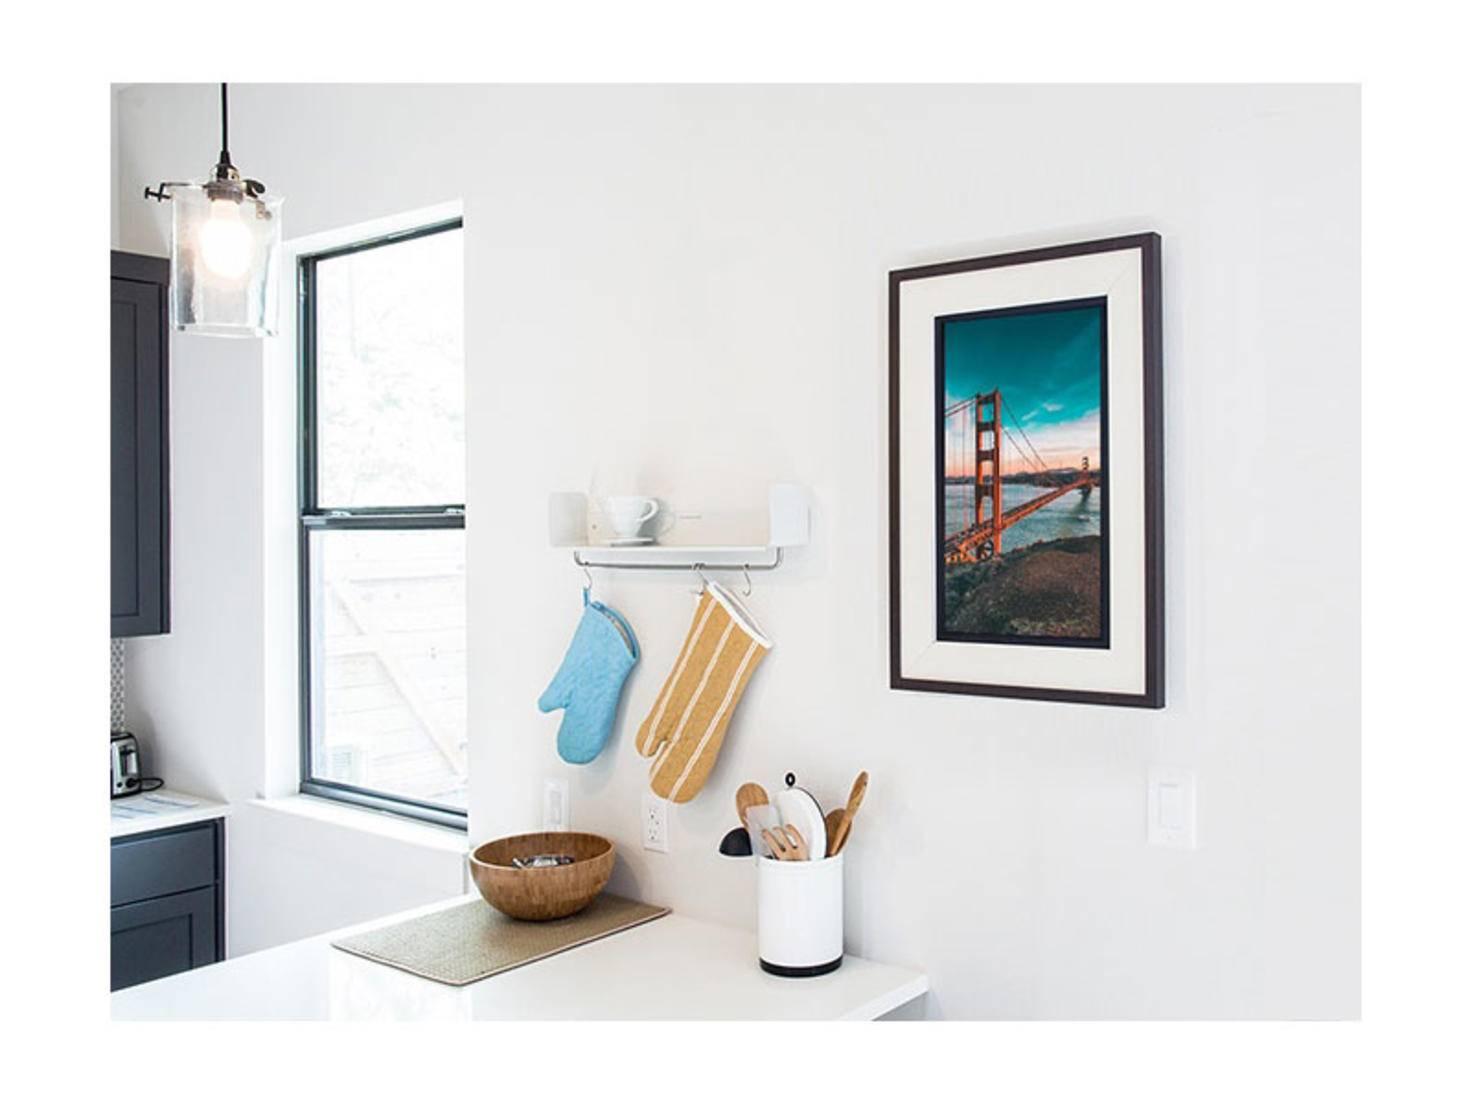 Das Acanvas-Display gibt es wahlweise mit schwarzbraunem Rahmen...